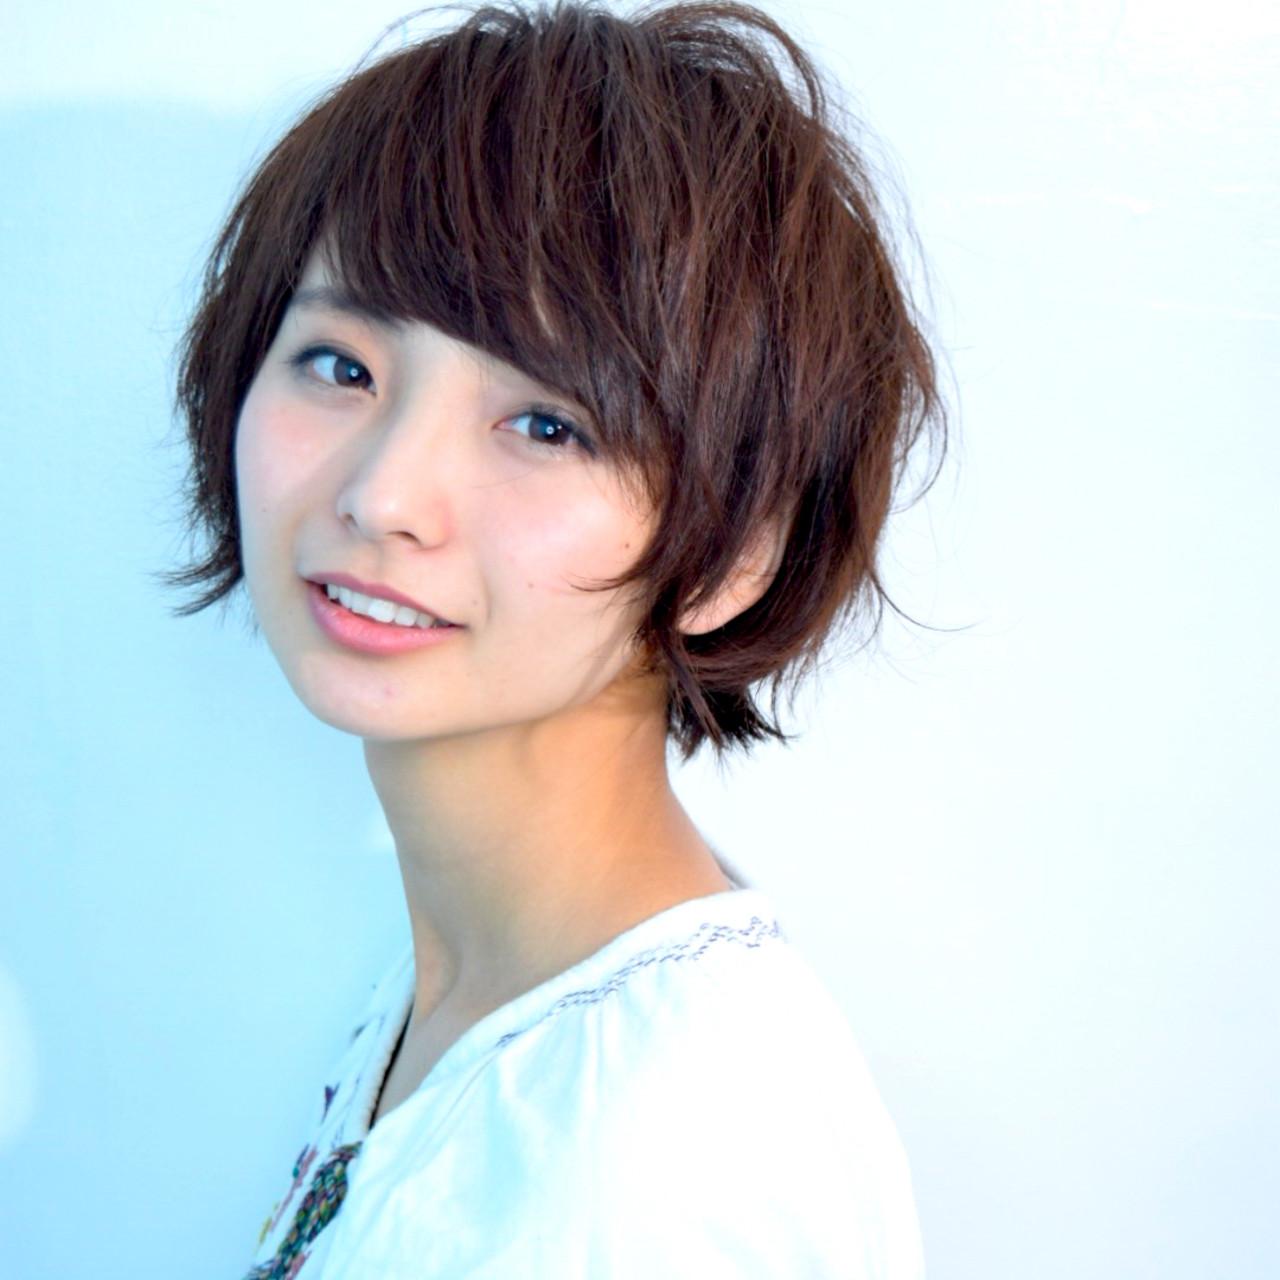 ショート 小顔ショート 小顔ヘア フェミニン ヘアスタイルや髪型の写真・画像